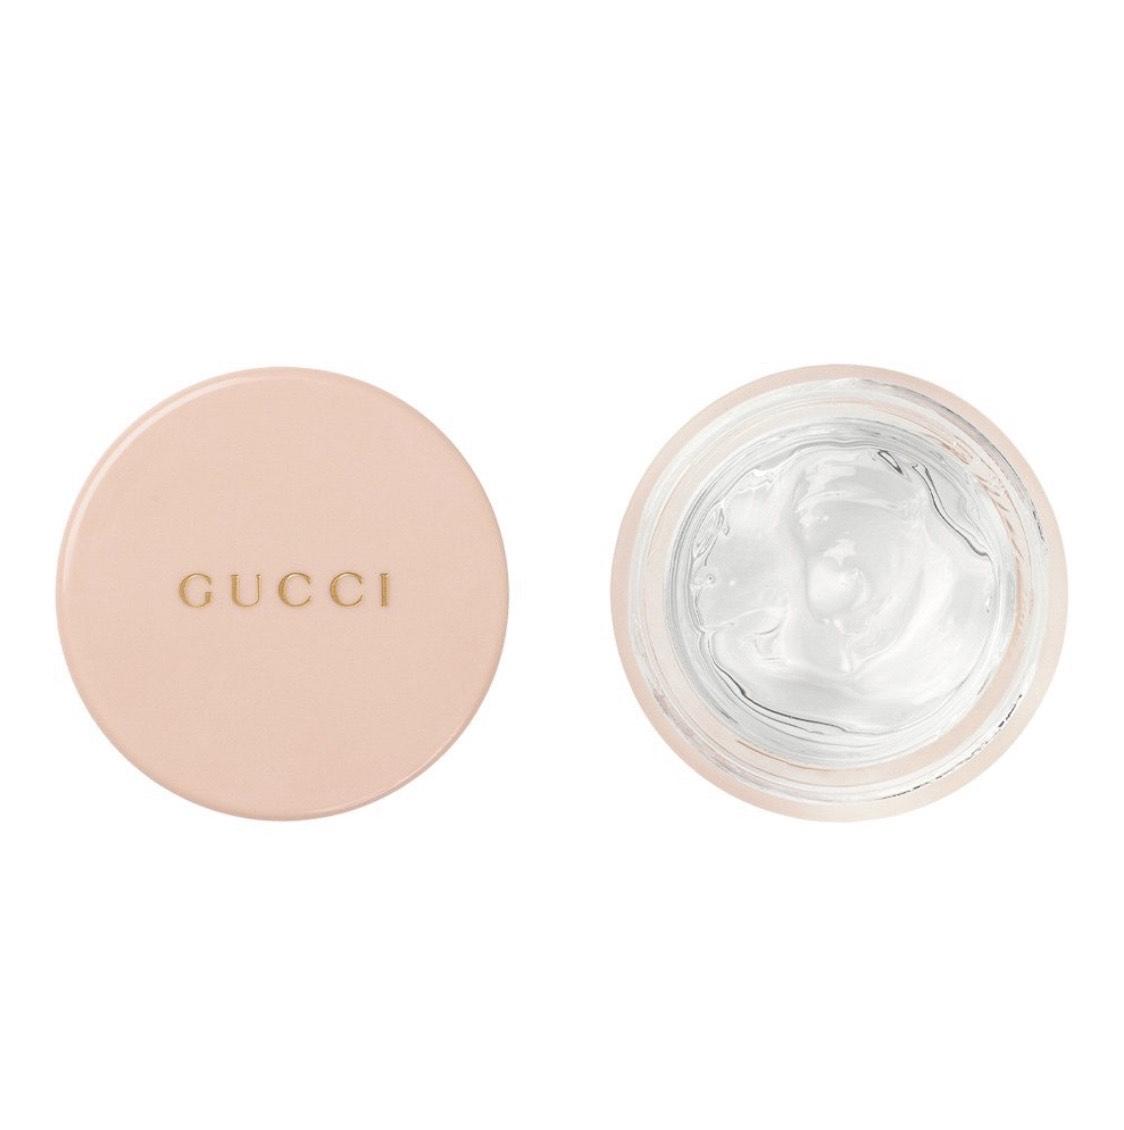 Универсальный гель с эффектом сияния Gucci Éclat De Beauté Effet Lumière, 2500 р. (ЦУМ)